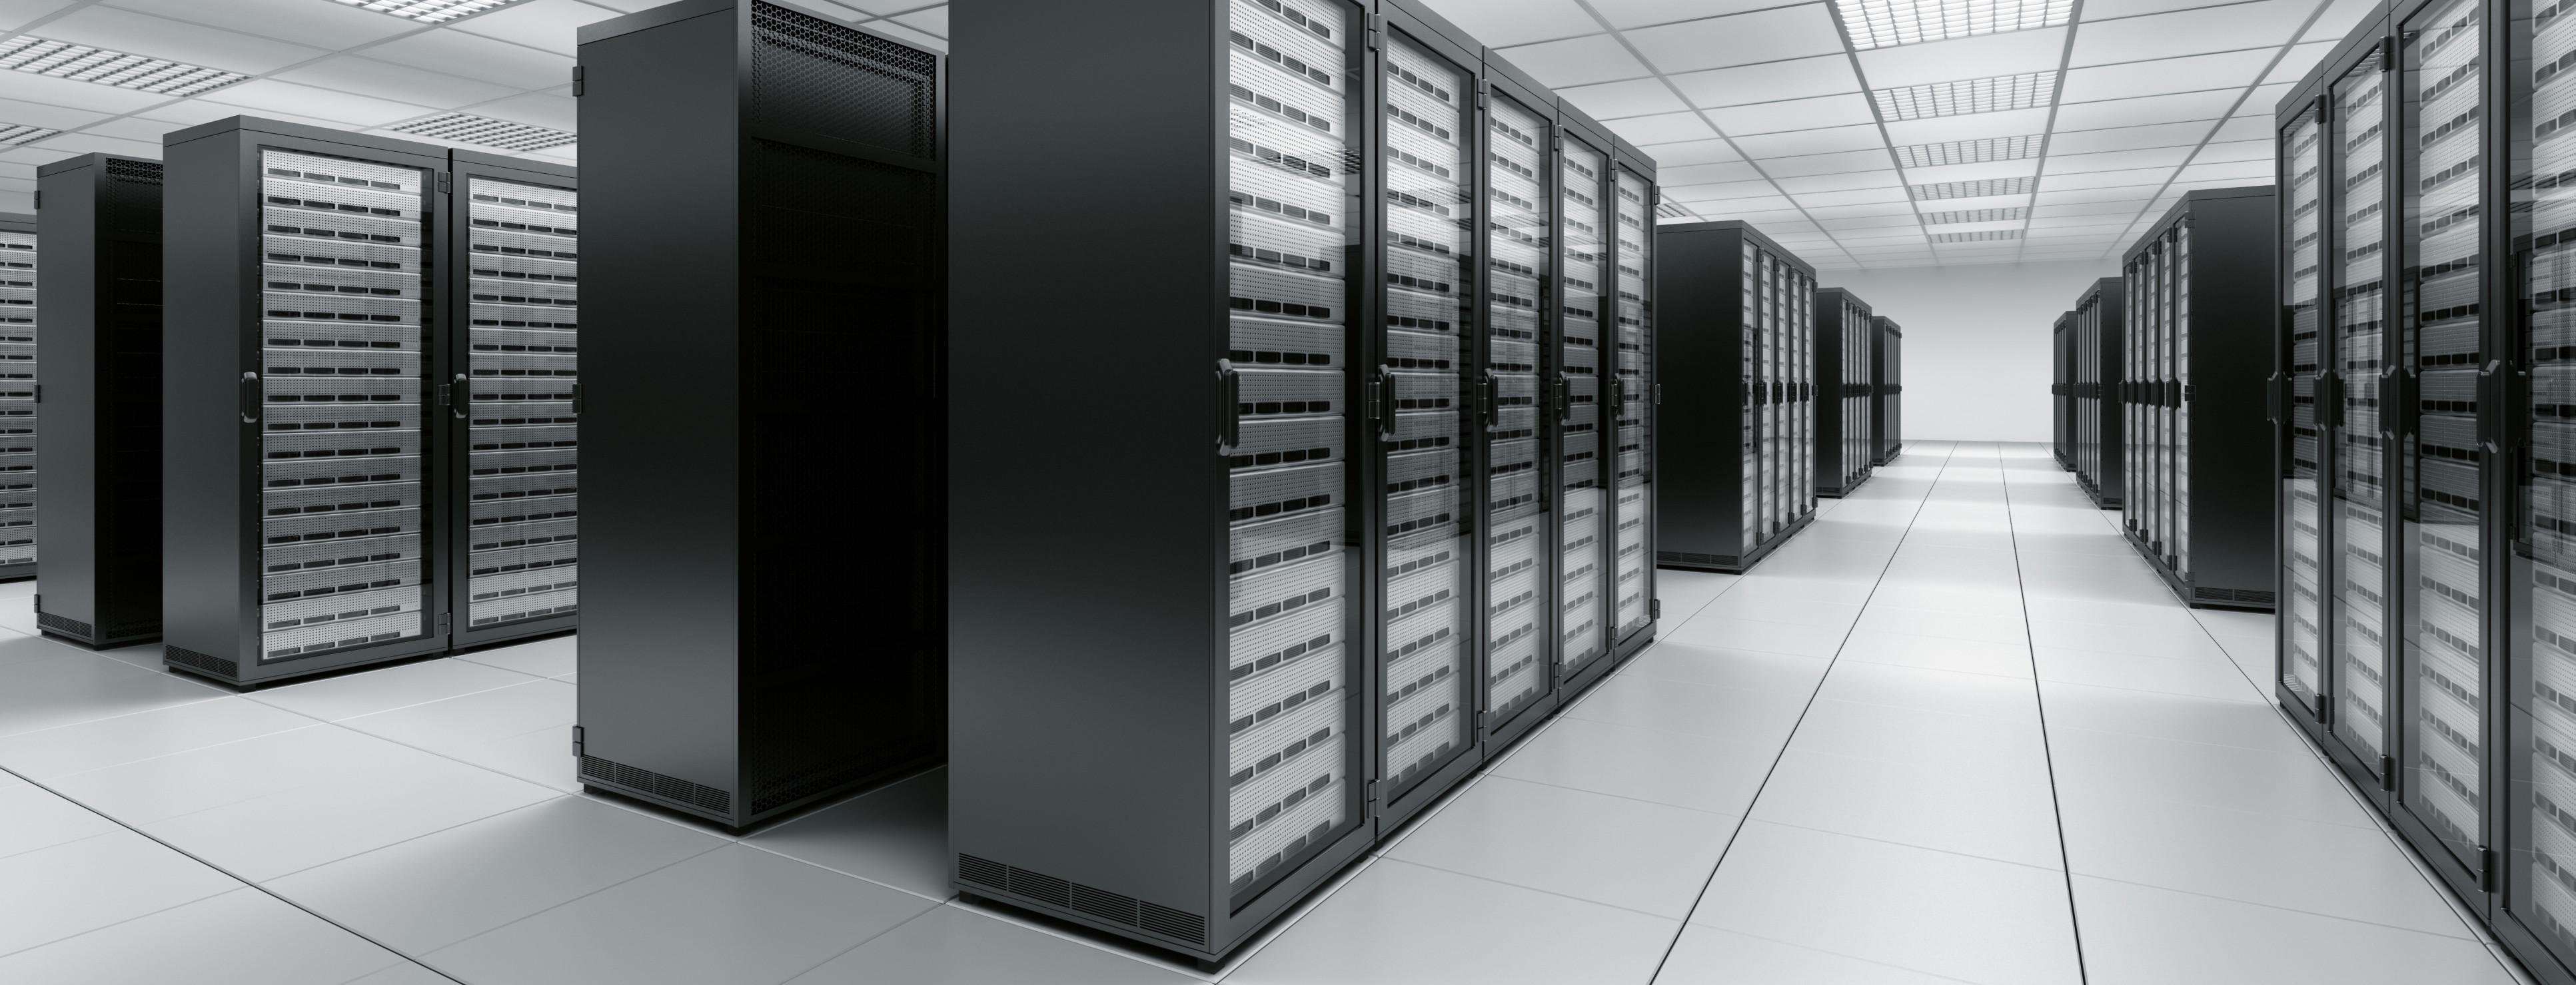 Rådgivning indenfor Enterprise Hosting og forberedelse af ISO 27001 ISMS dokumentation